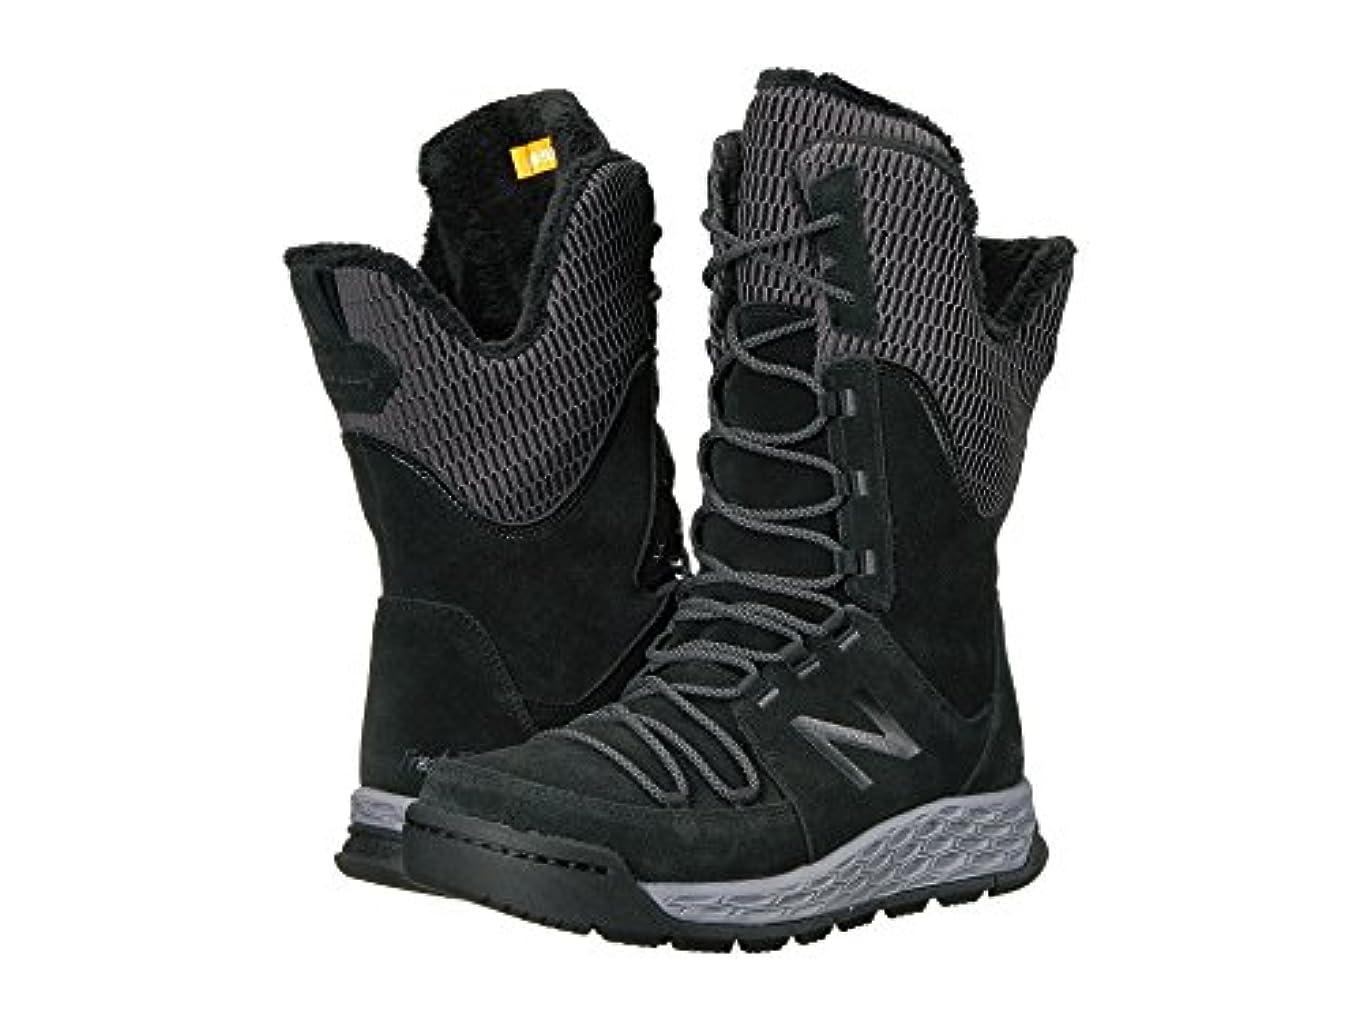 ブルーベル労苦レンディション(ニューバランス) New Balance レディースブーツ?靴 BW1100v1 Black/White 6 (23cm) B - Medium